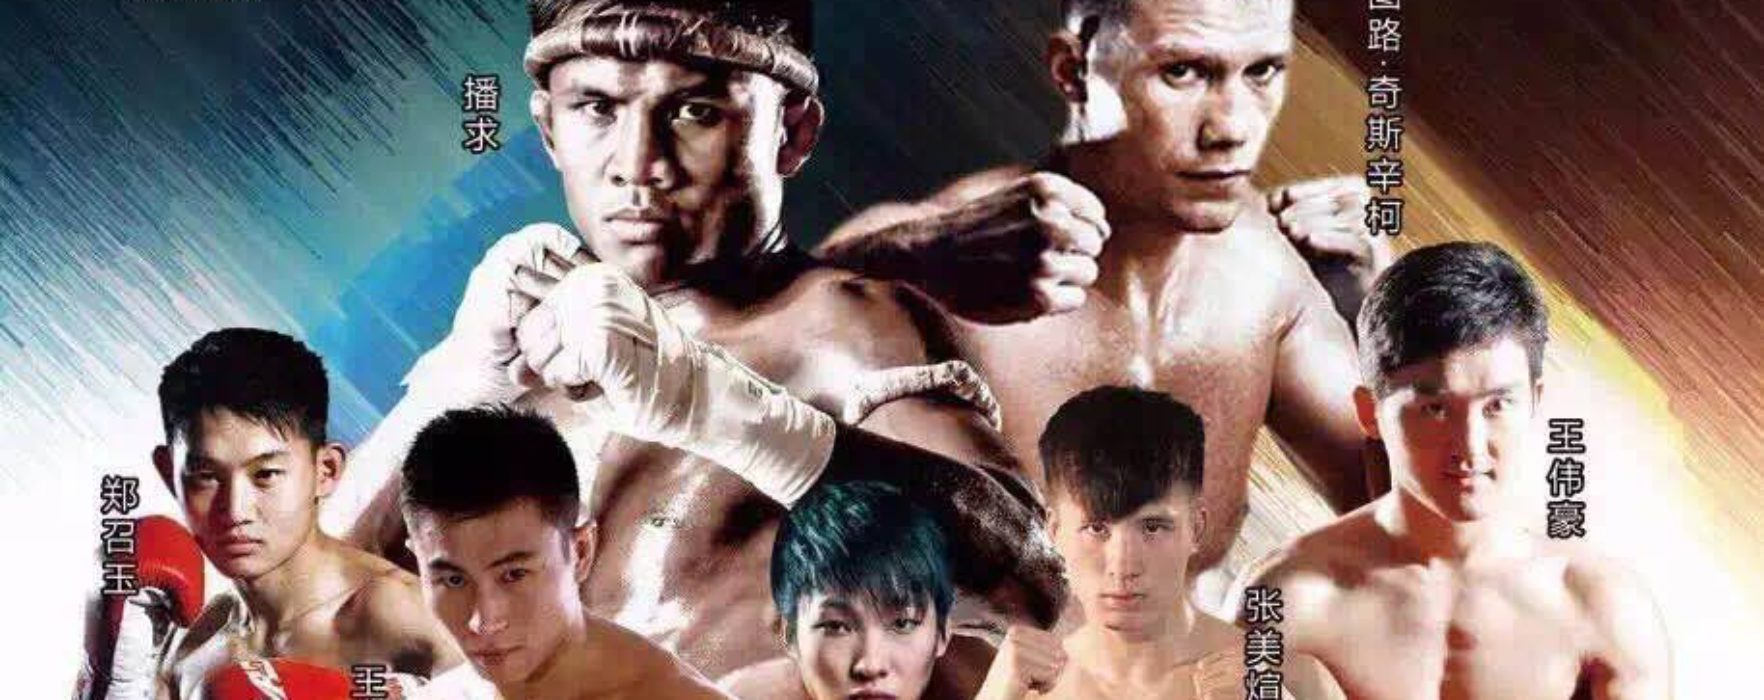 (English) Card: Kunlun Fight 45 ft. Buakaw, Kyshenko, Enriko Kehl etc – China – 5 June 2016